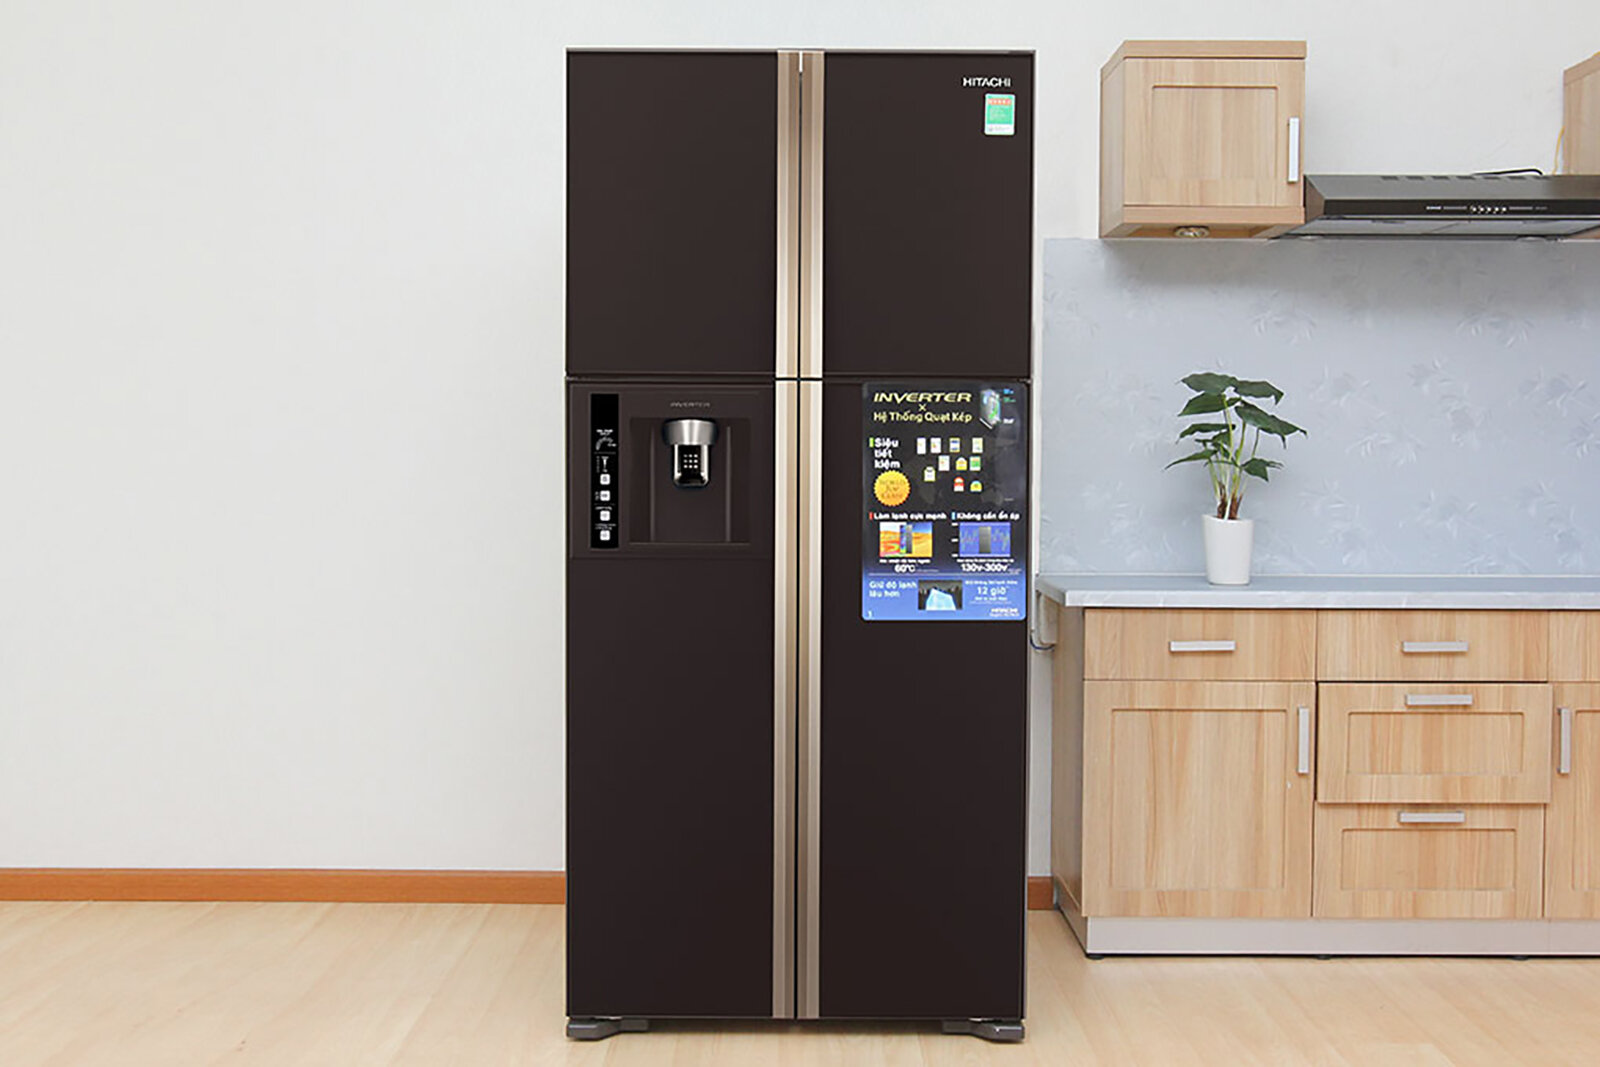 Tủ lạnh Hitachi - Tiết kiệm điện năng, thiết kế bắt mắt